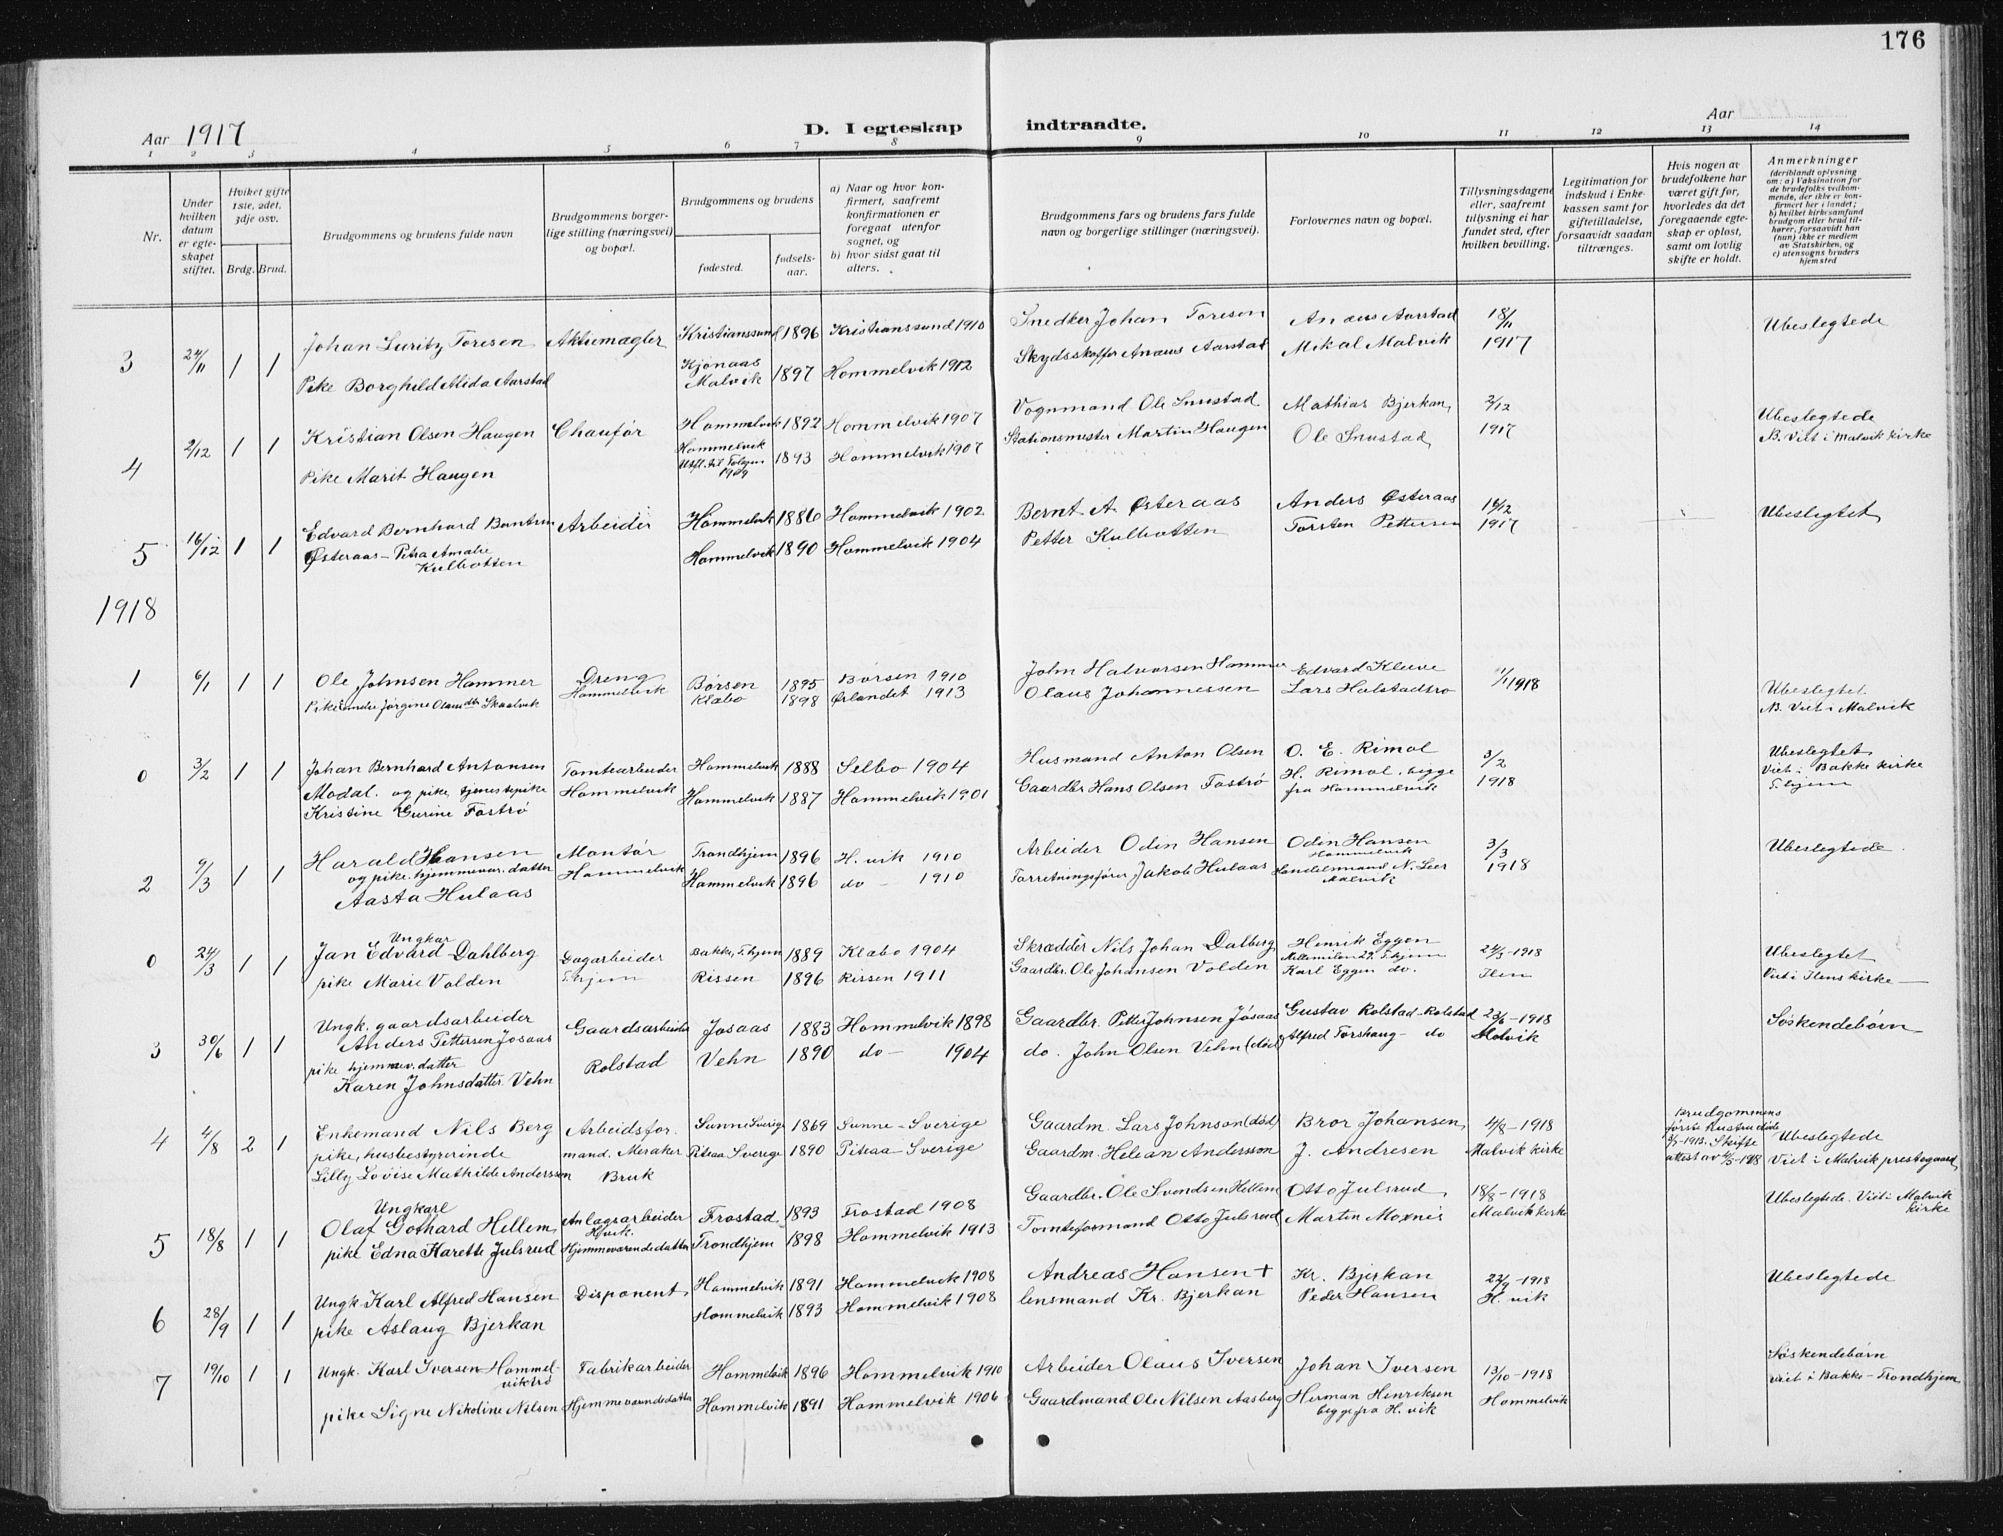 SAT, Ministerialprotokoller, klokkerbøker og fødselsregistre - Sør-Trøndelag, 617/L0431: Klokkerbok nr. 617C02, 1910-1936, s. 176